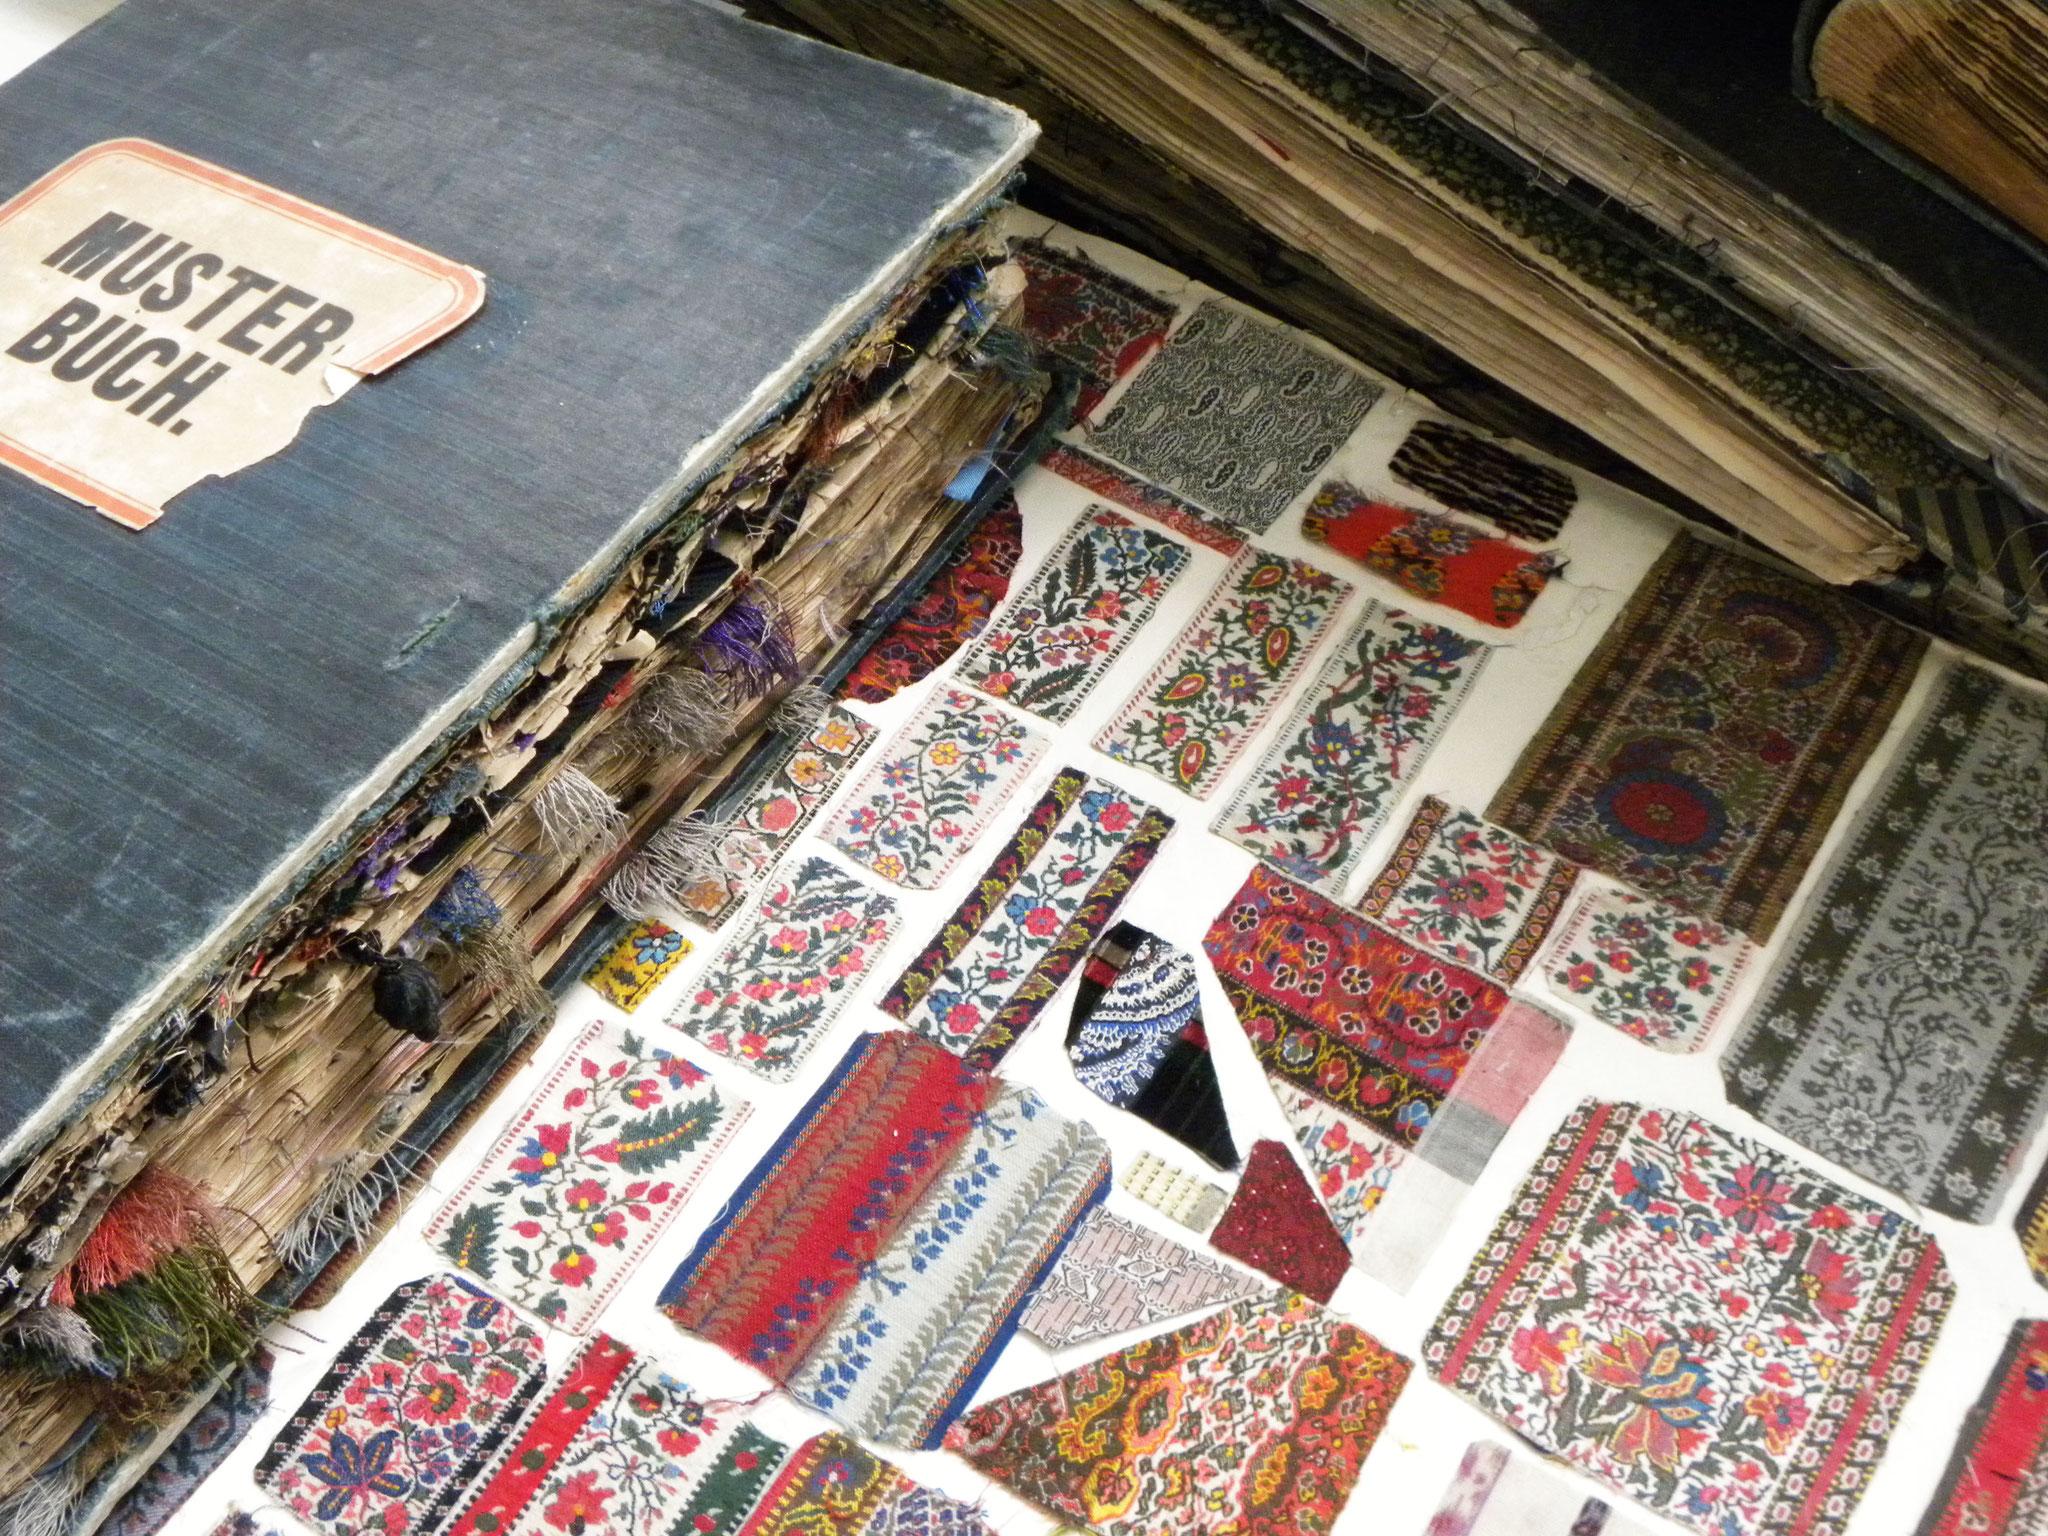 Webereimuseum im Textilen Zentrum - Musterbuch, @Christine Leitner